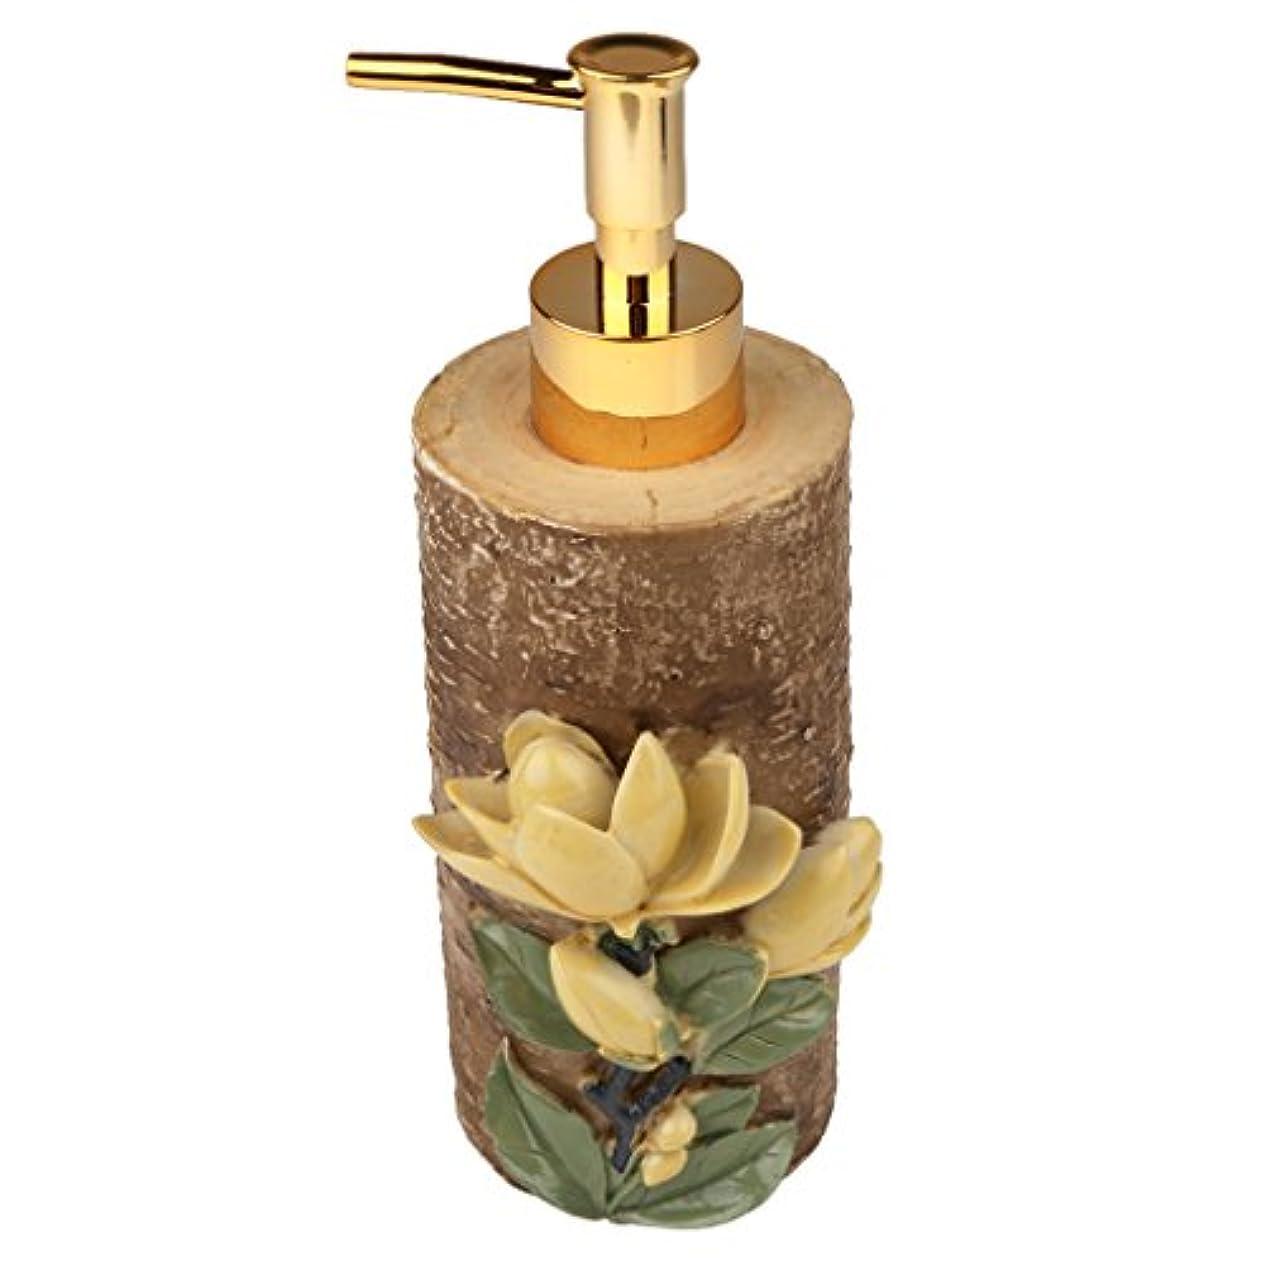 余裕がある助言するニュース液体ソープ シャンプー用 空 シャンプー ボトル 詰め替えボトル 美しい エレガント デザイン 全4種類 - #4